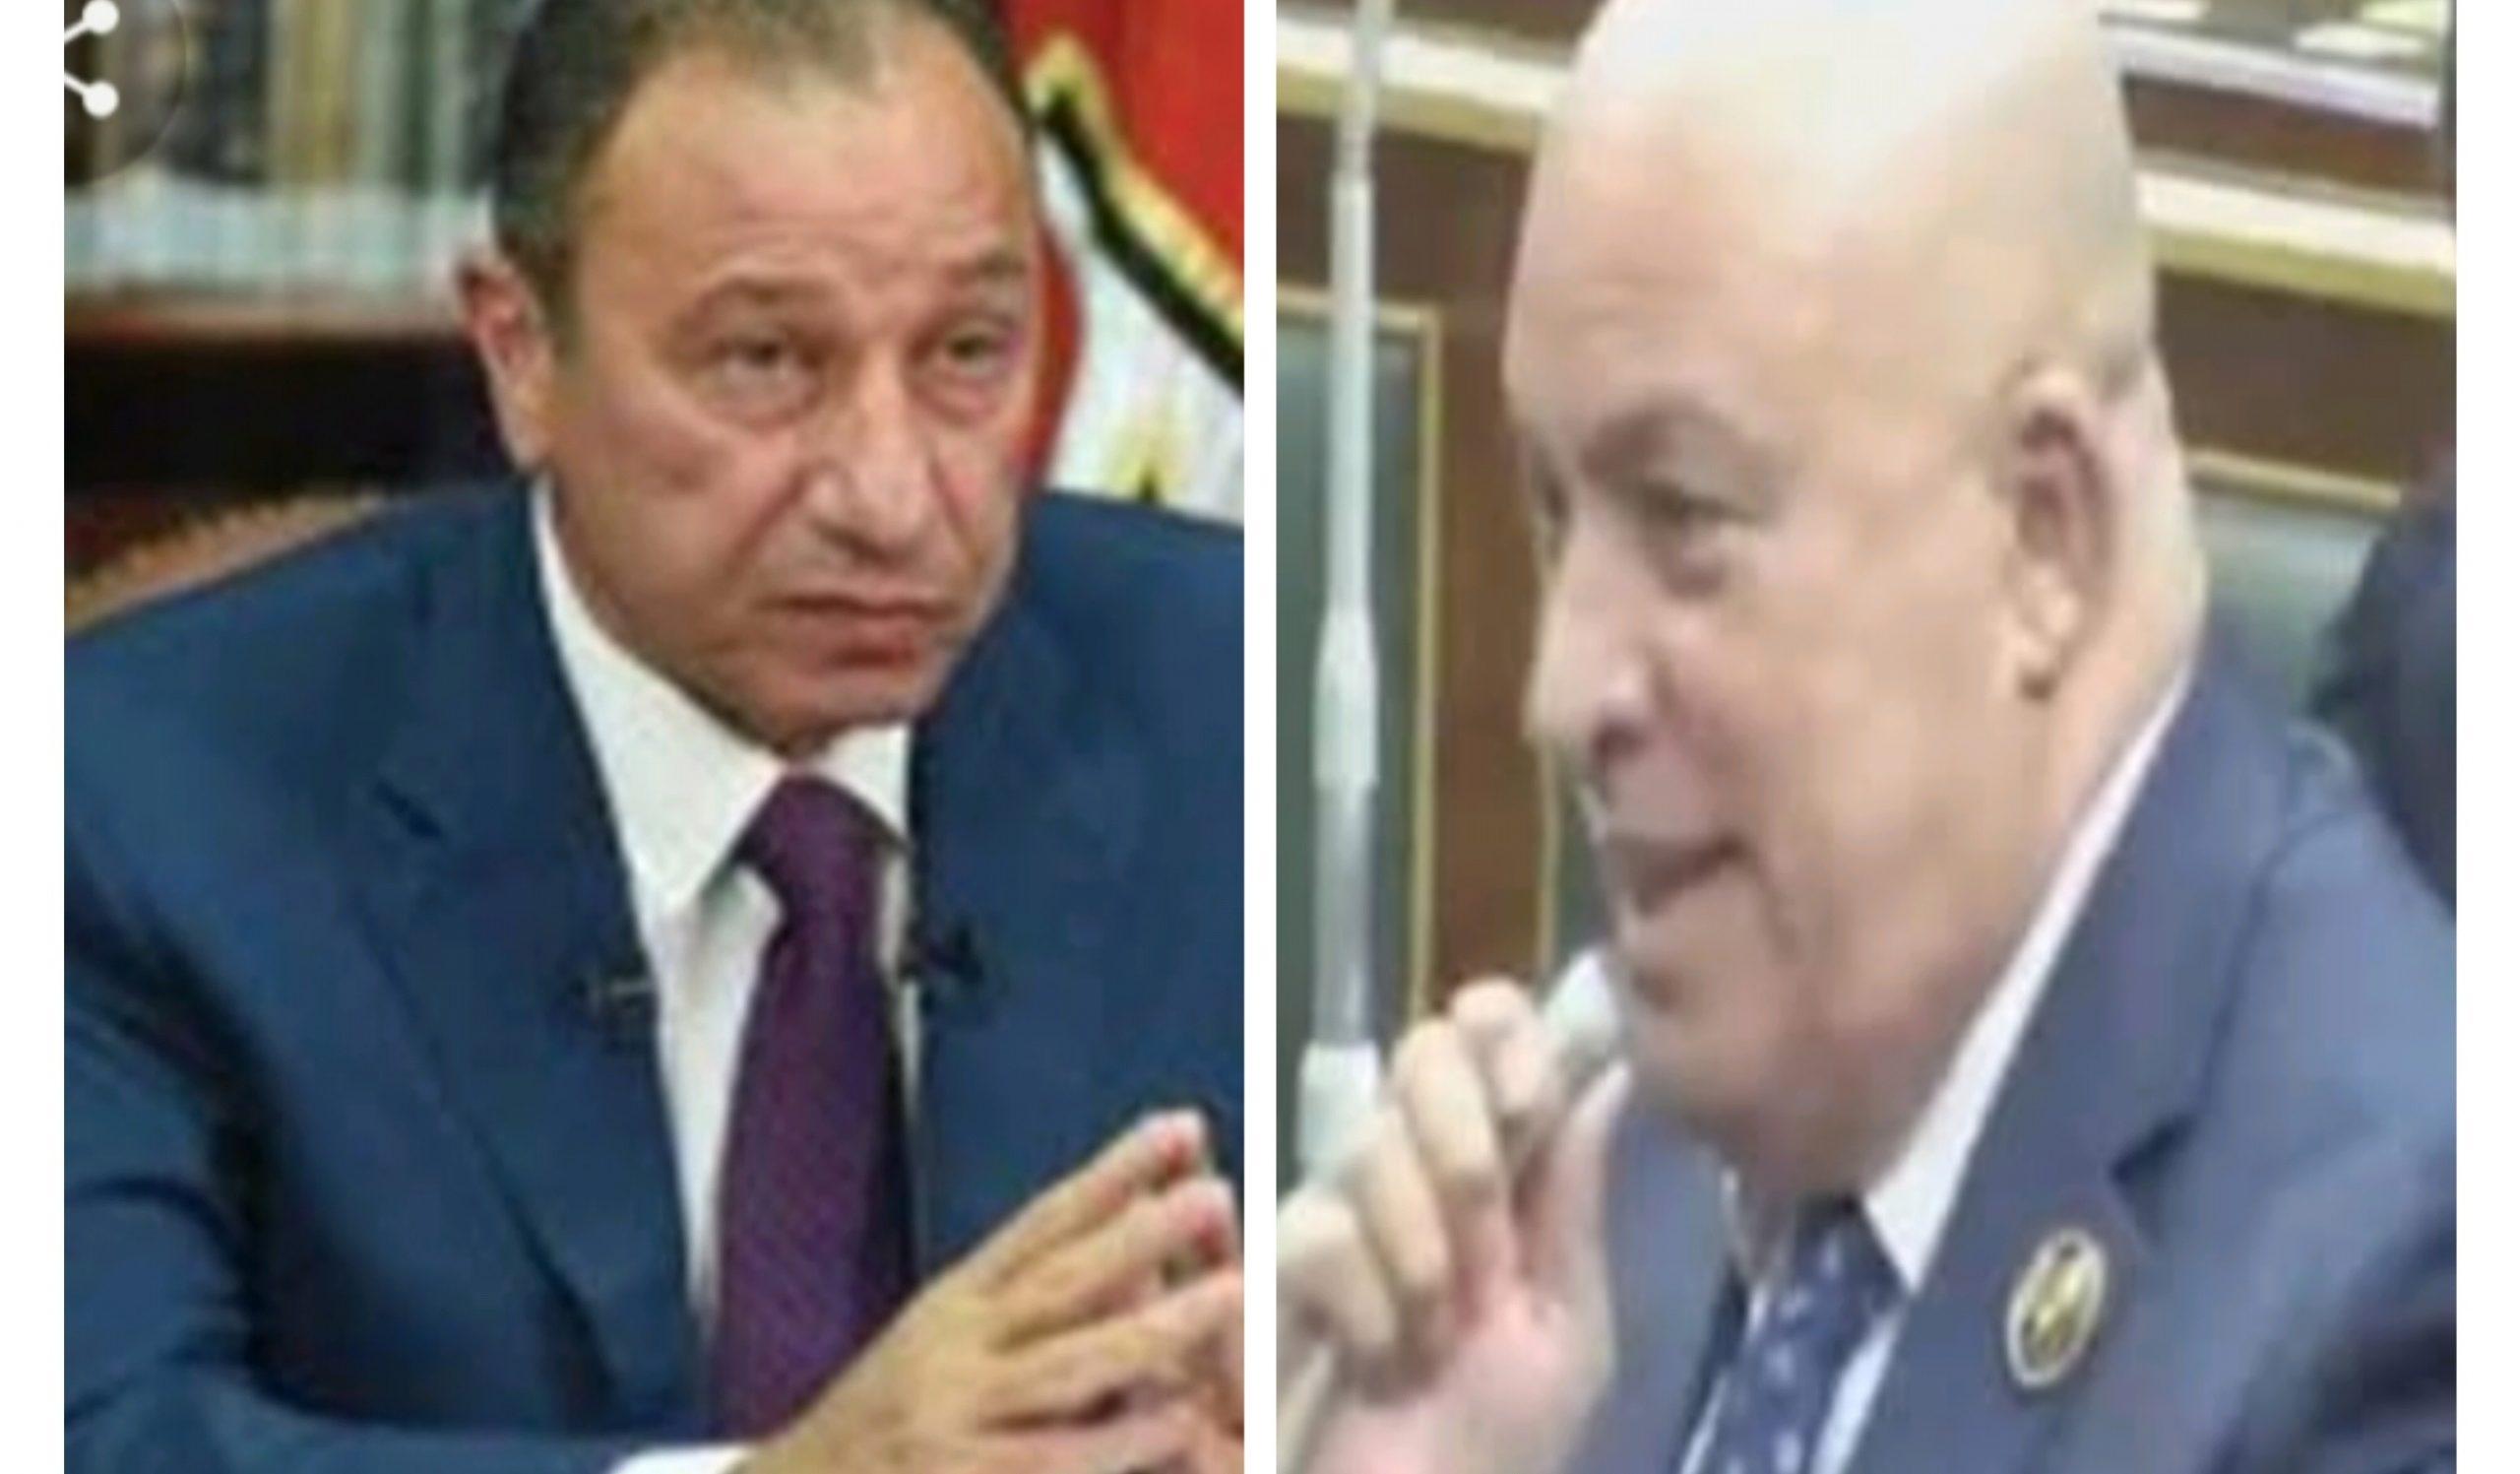 النائب خالد طايع يهنئ النادي الأهلي بفوزه ببطولة أبطال أفريقيا لكرة القدم